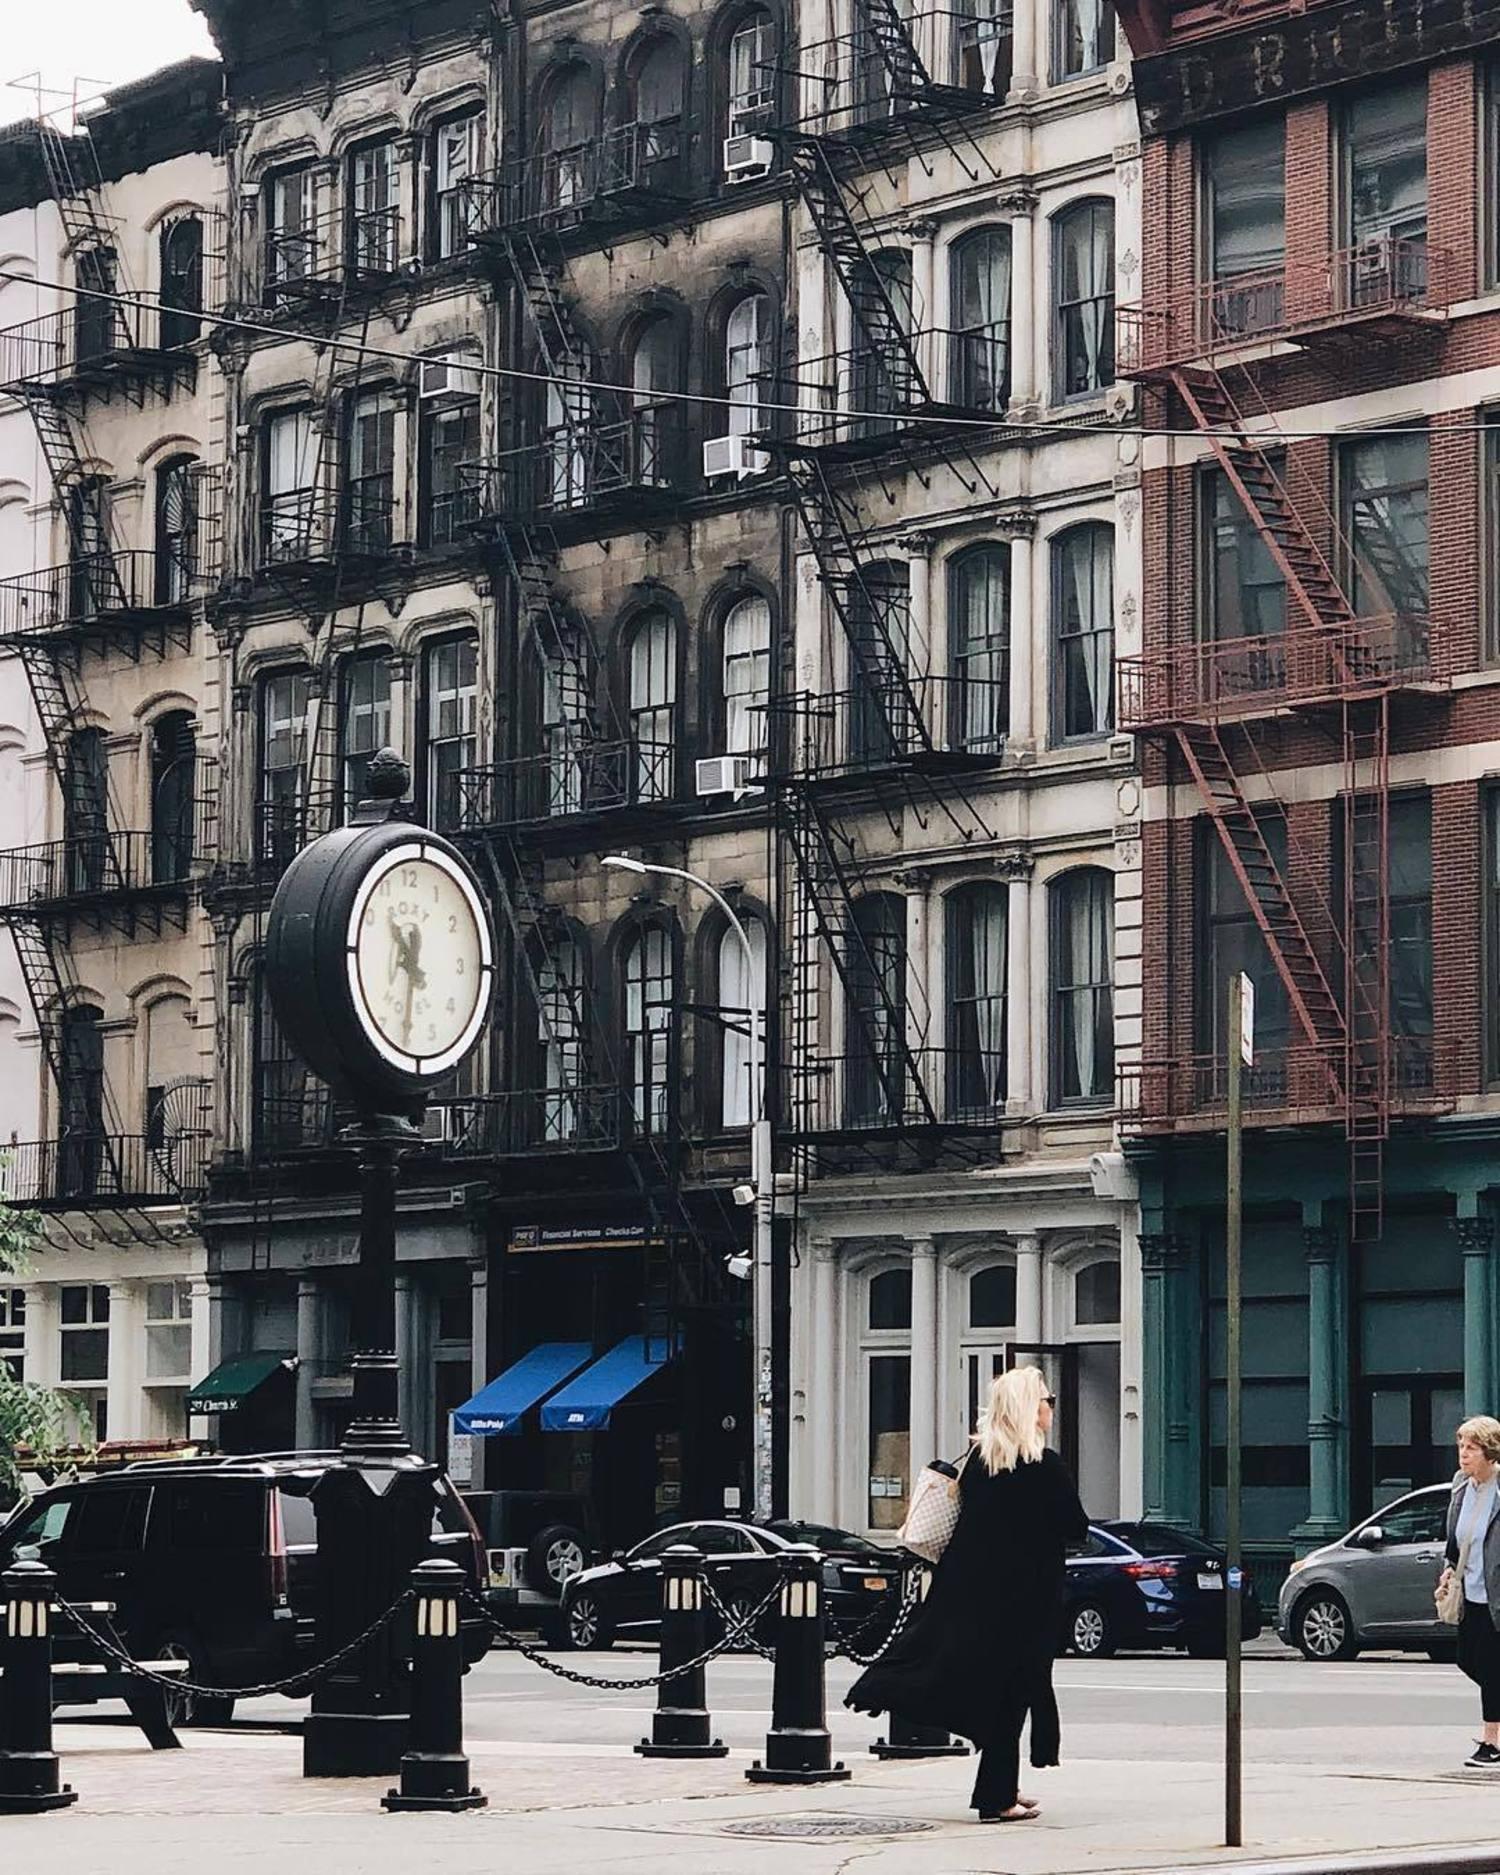 Tribeca, Manhattan, New York. Photo via @iwyndt #newyork #newyorkcity #nyc #viewingnyc #tribeca